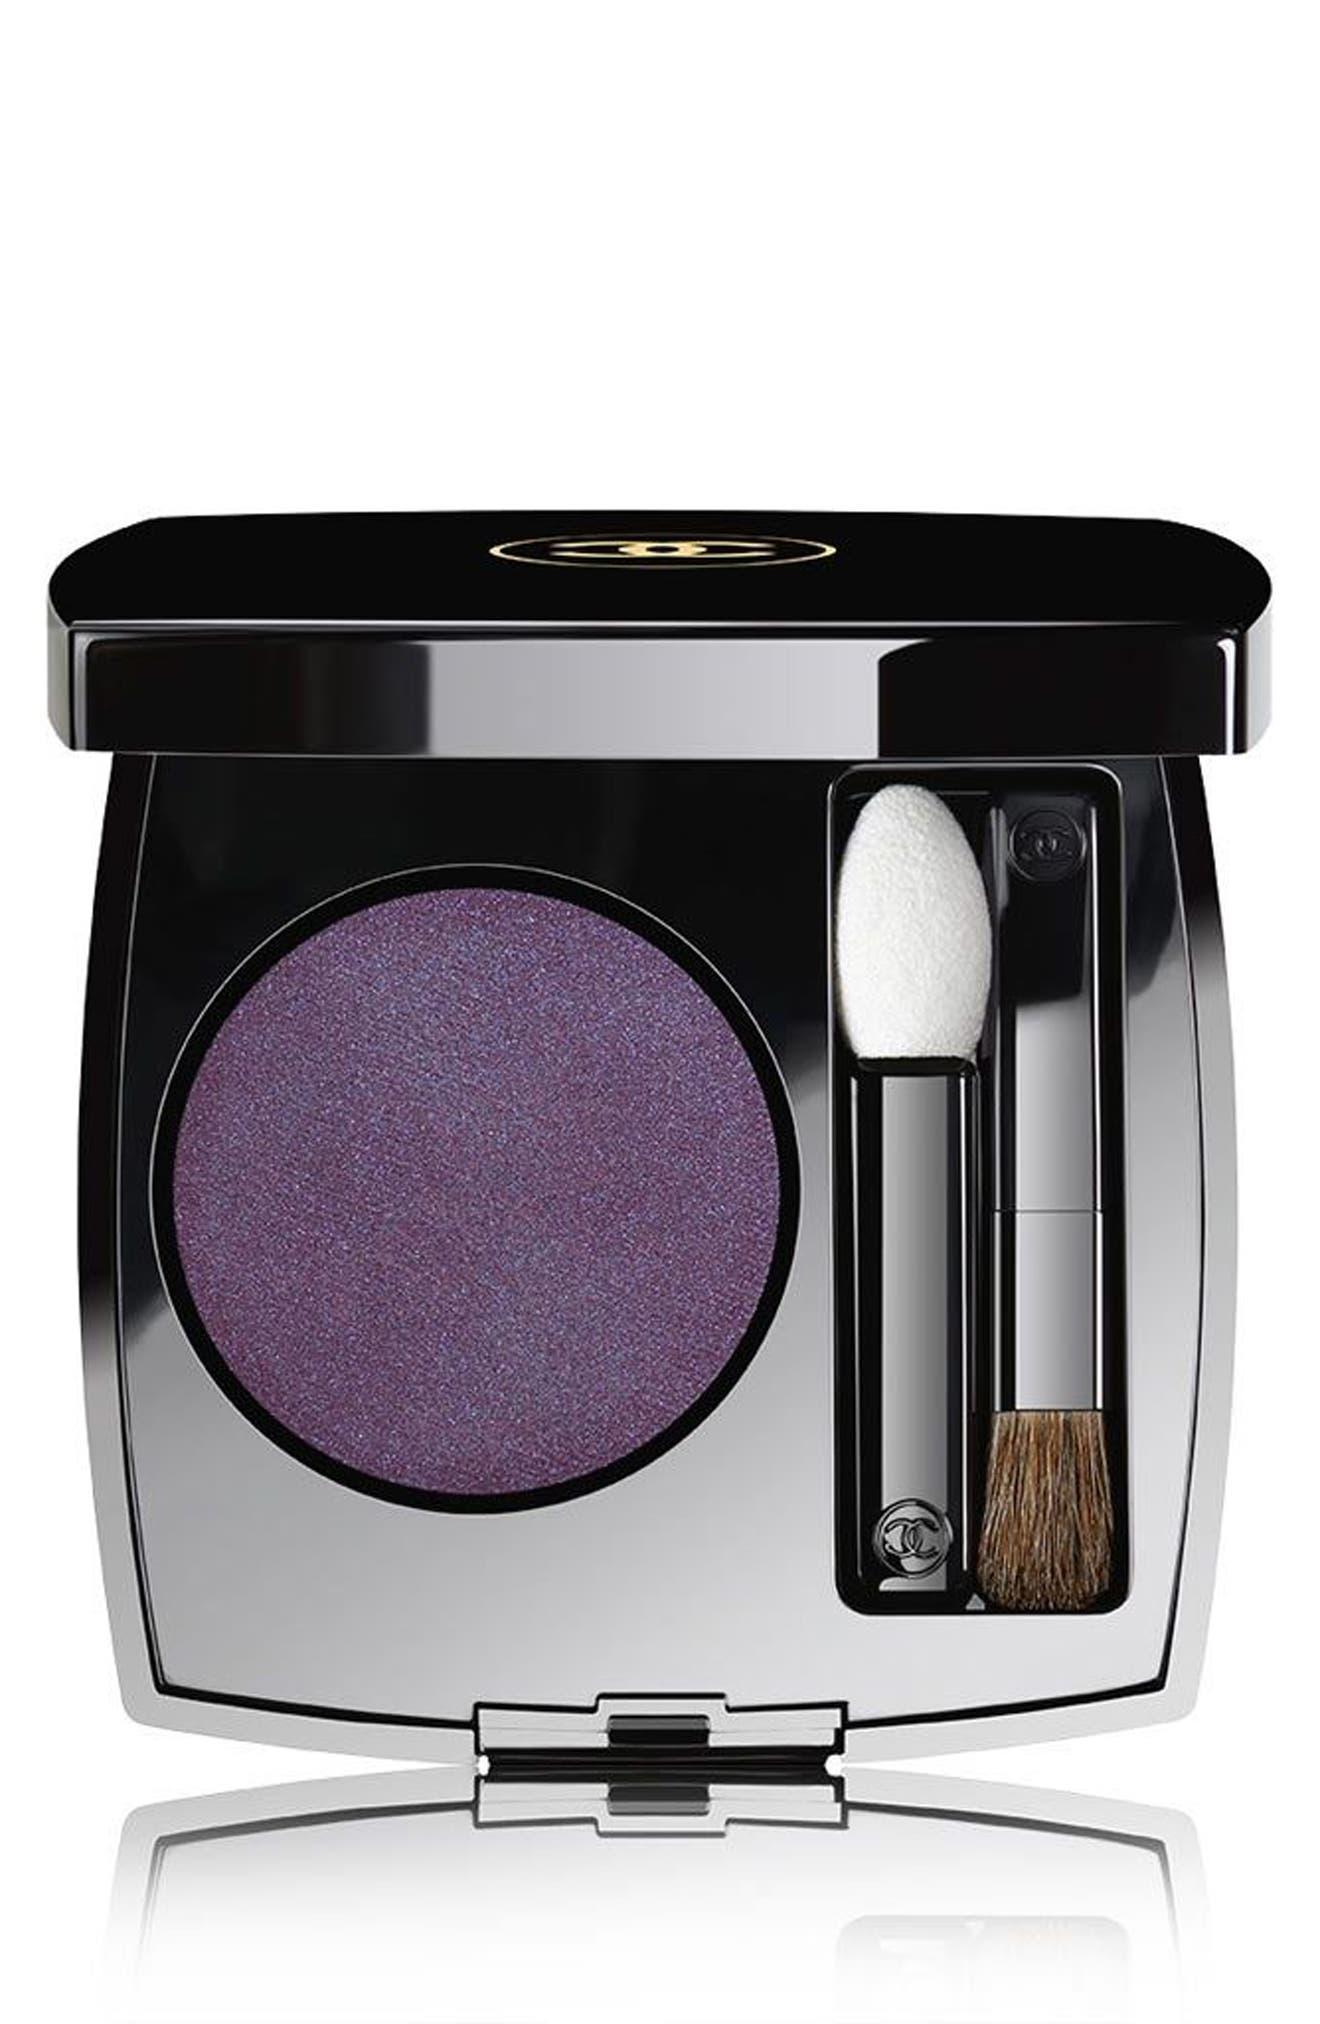 Chanel Ombre Premi 200 Re Longwear Powder Eyeshadow Nordstrom